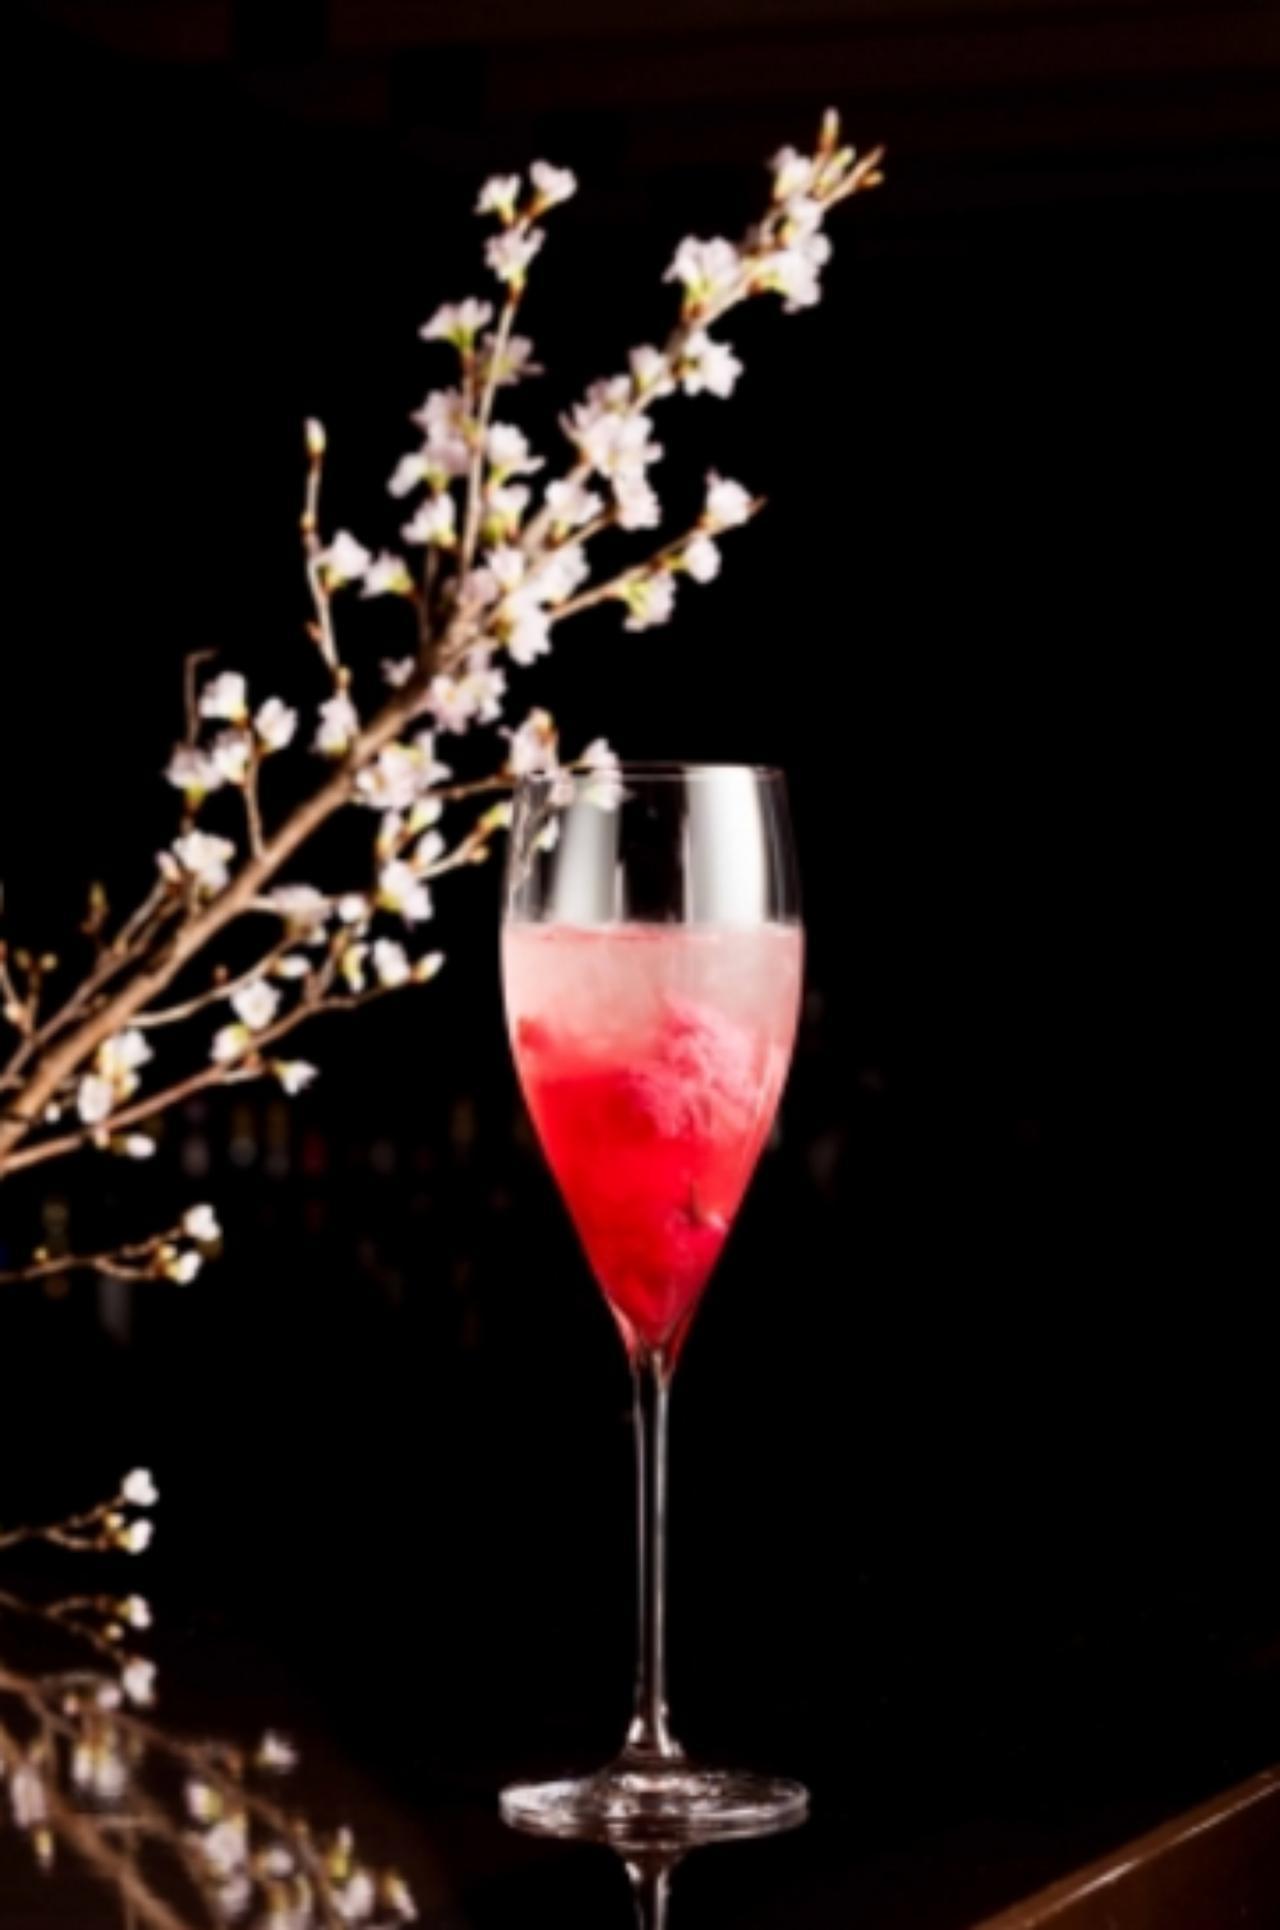 画像: ルージュ ロワイヤル Rouge royal 桜リキュール/桜の塩漬け/ズブロッカ/クランベリージュース/レモンジュース/シャンパン